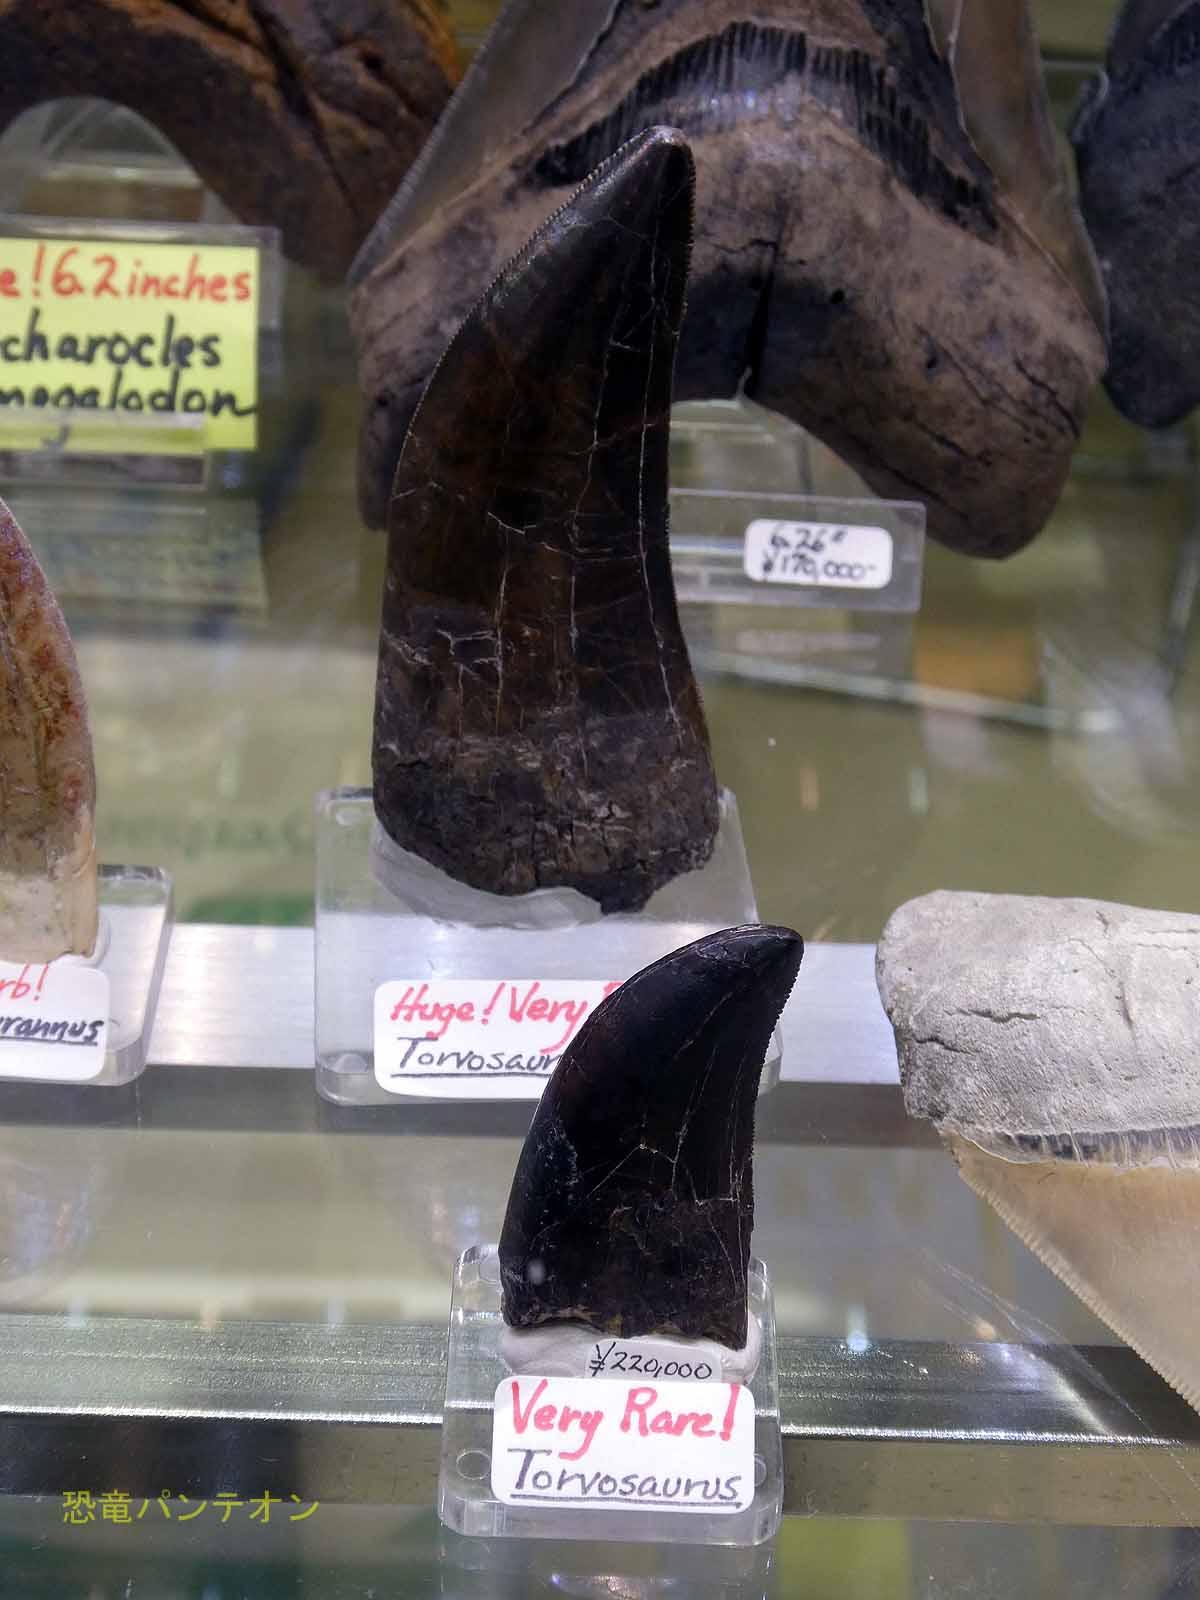 トルボサウルスの歯